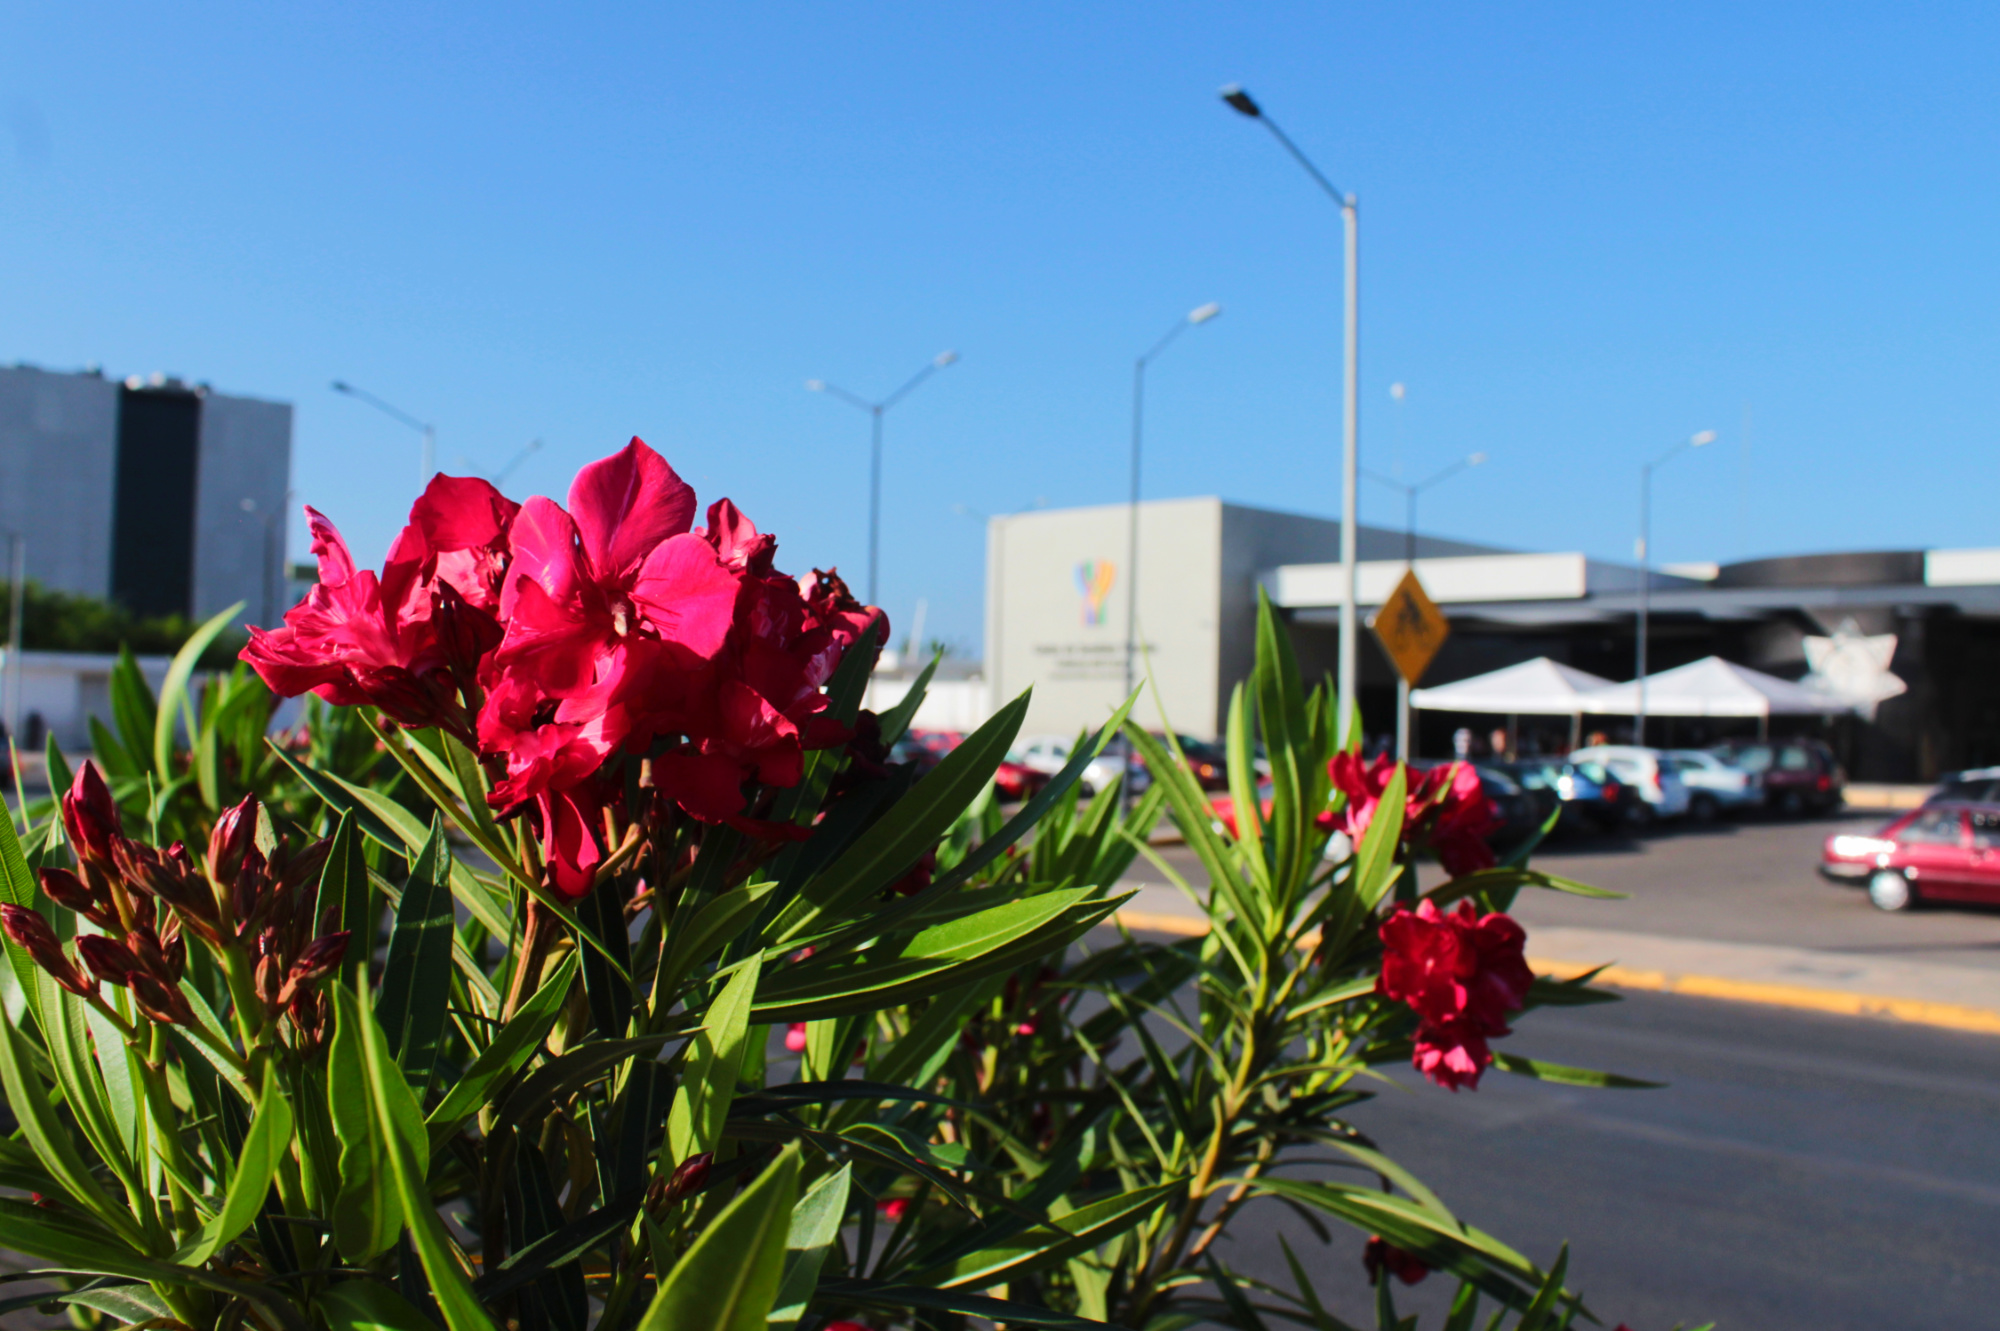 Estas fotos de Mérida te muestran que la primavera está cerca ¿cuándo empieza?